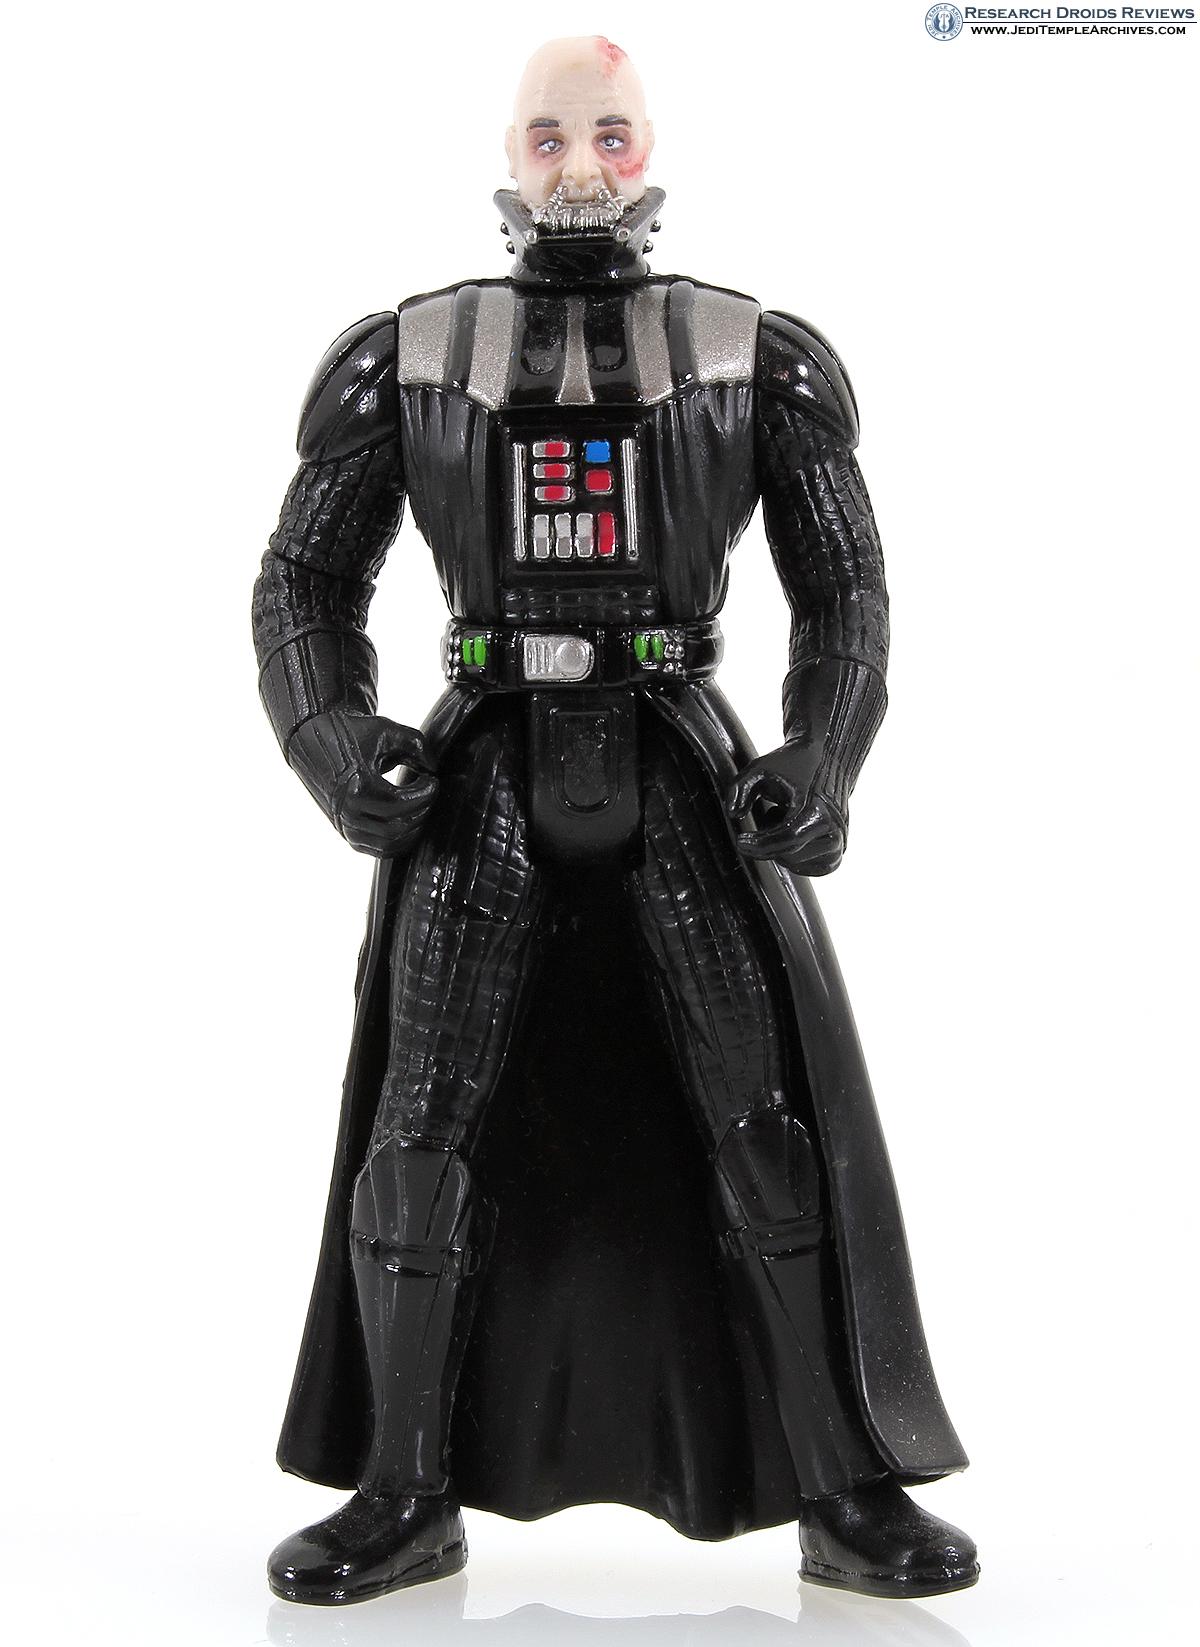 Darth Vader (With Rmovable Helmet)